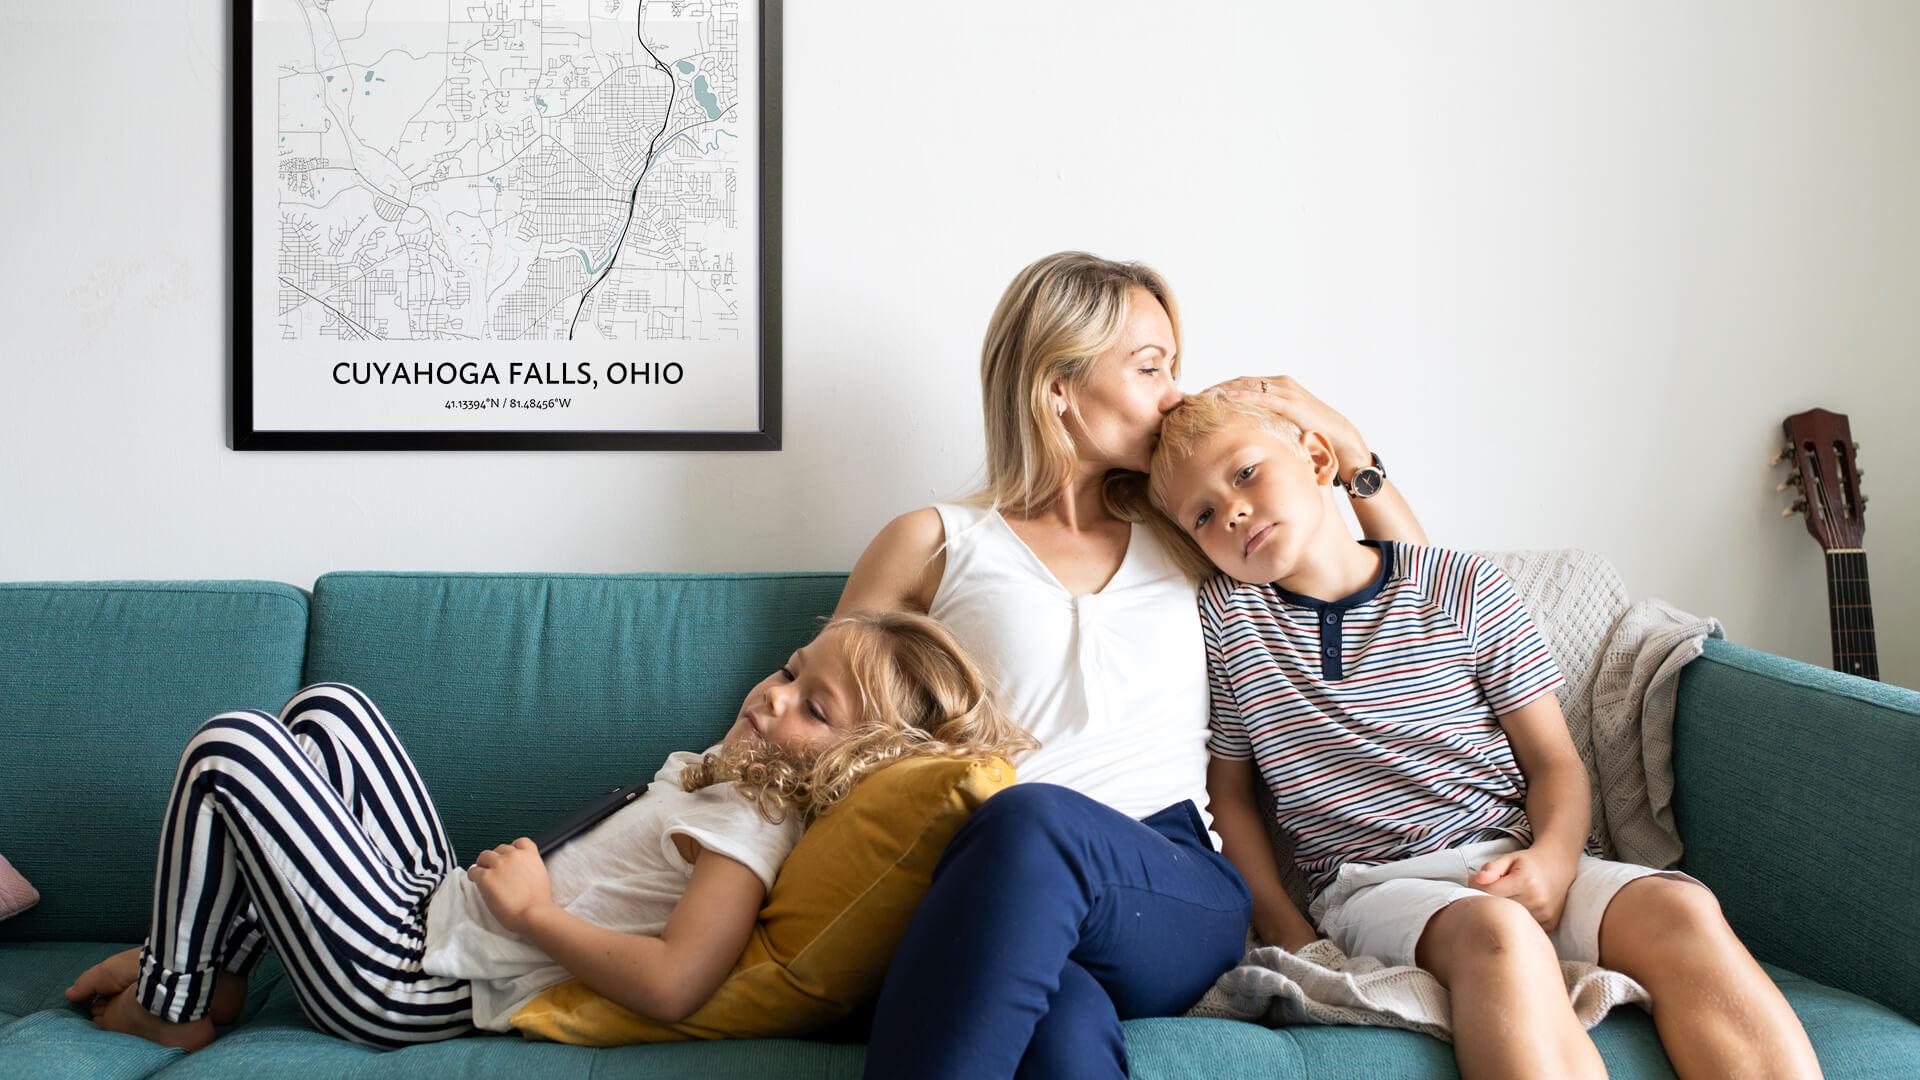 Cuyahoga Falls map poster